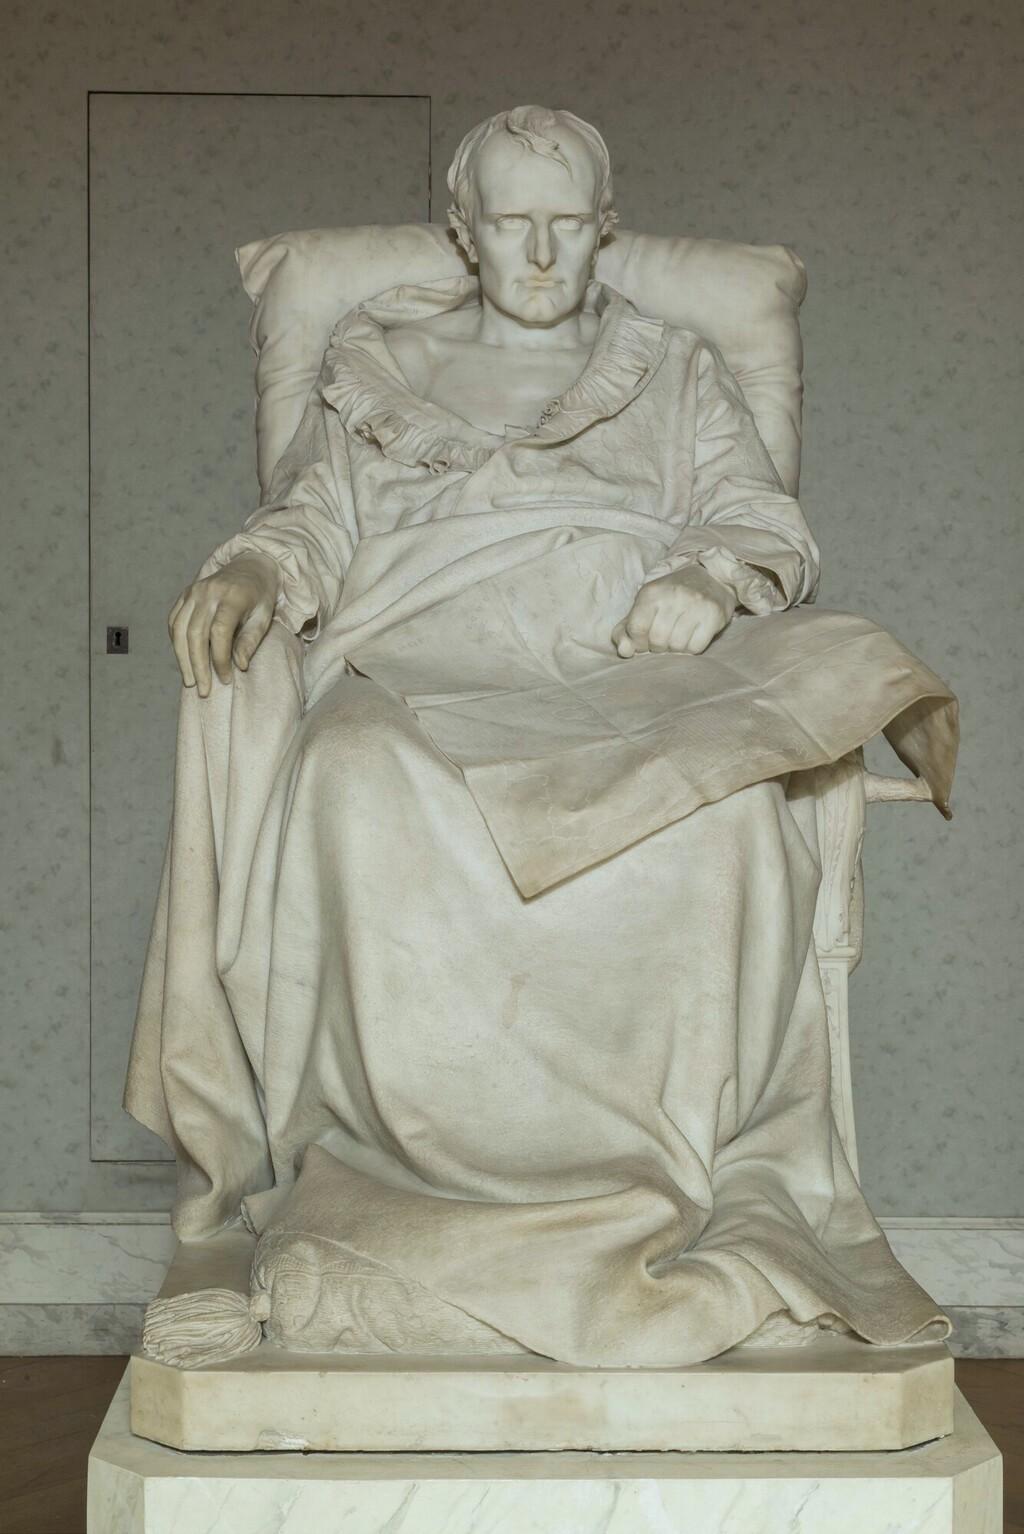 Expositions et évènements : 2021, année Napoléon. Bicentenaire de la mort de l'empereur Napoléon Ier.  Vela_n10